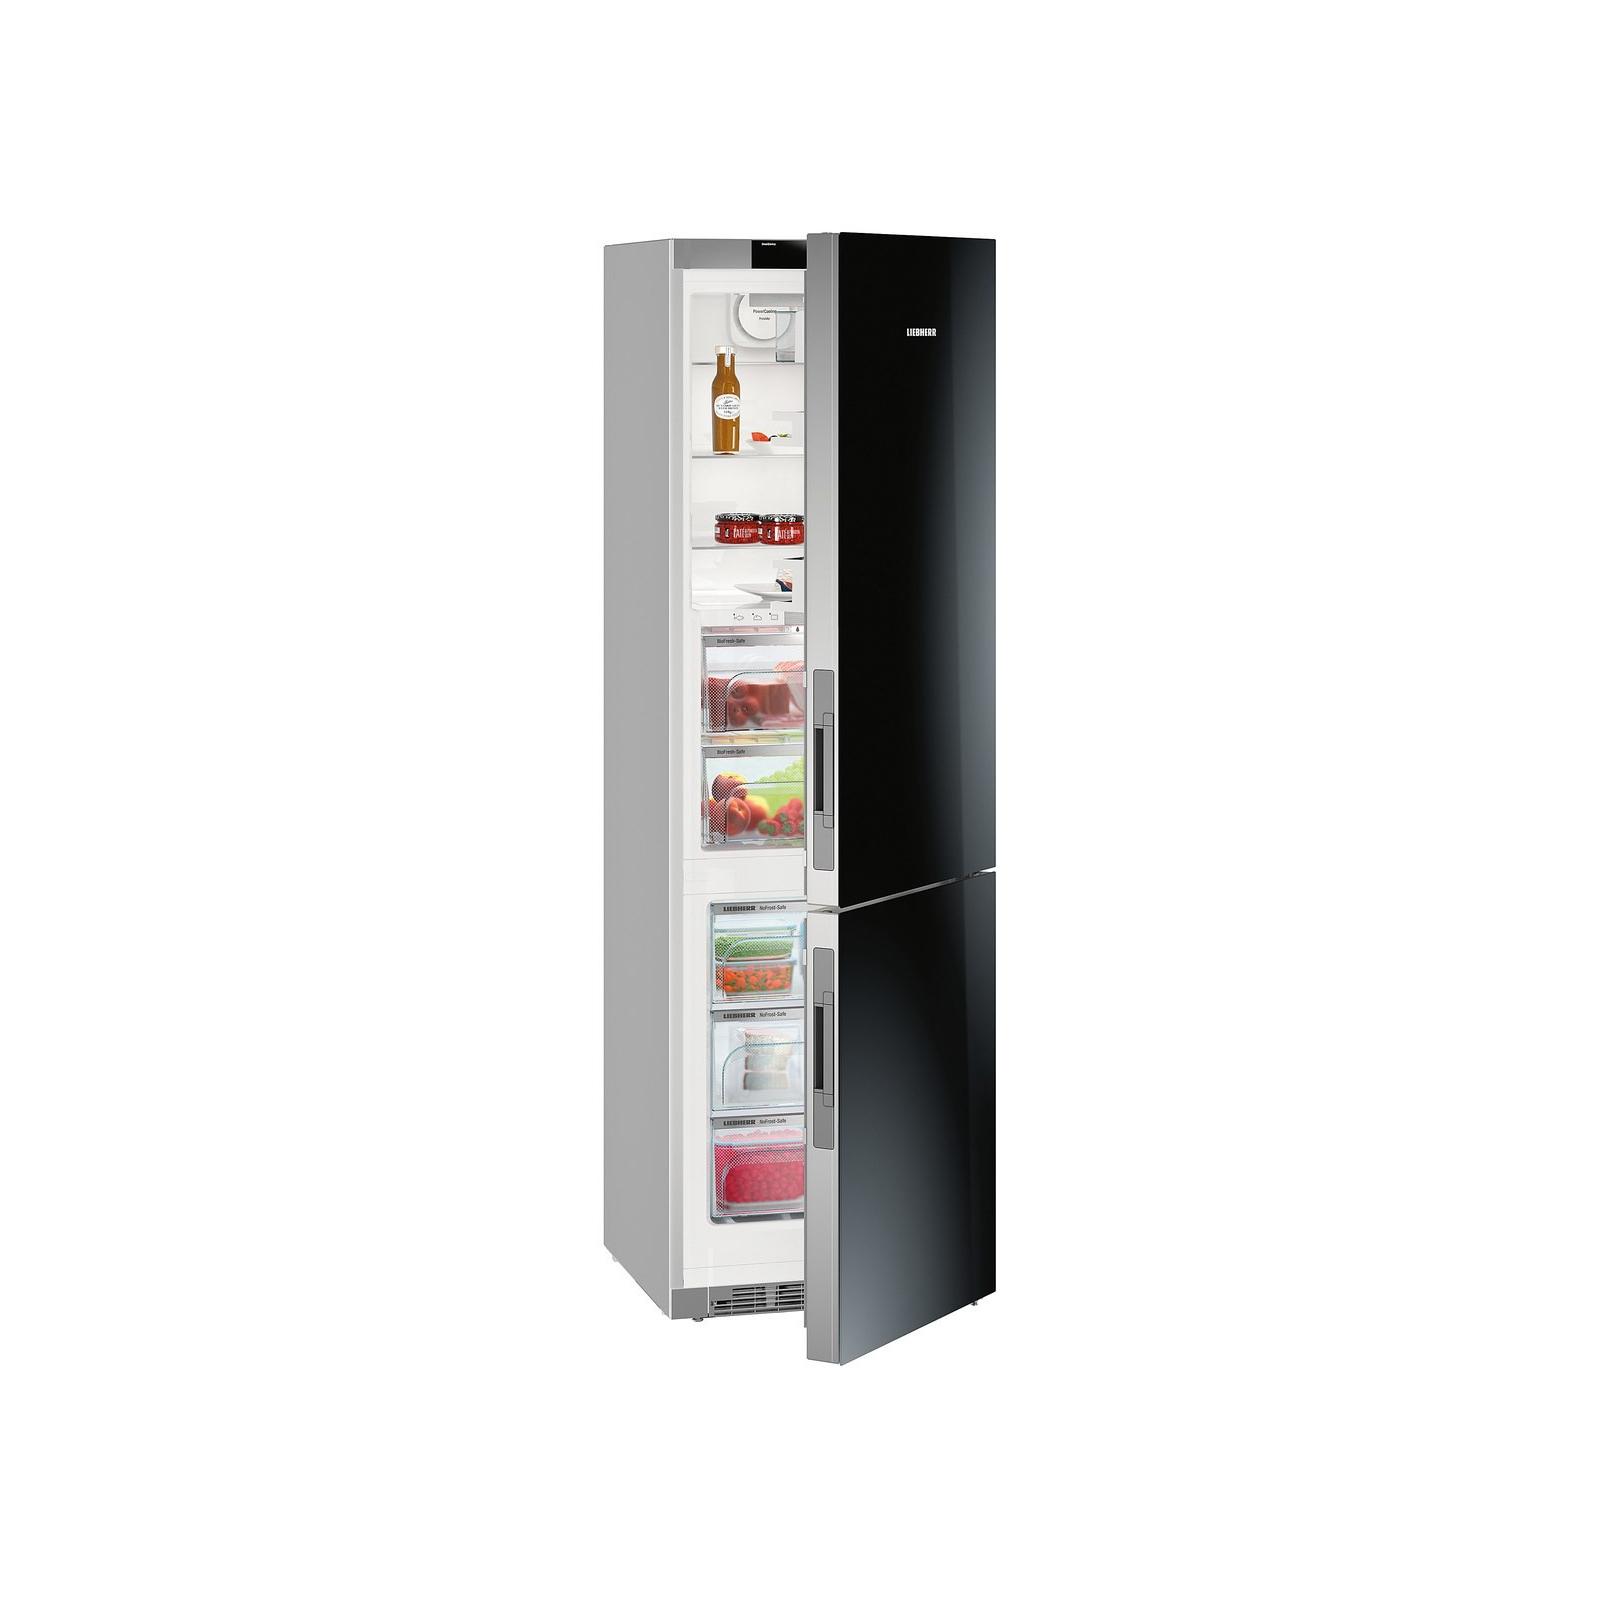 Холодильник Liebherr CBNPgb 4855 изображение 3